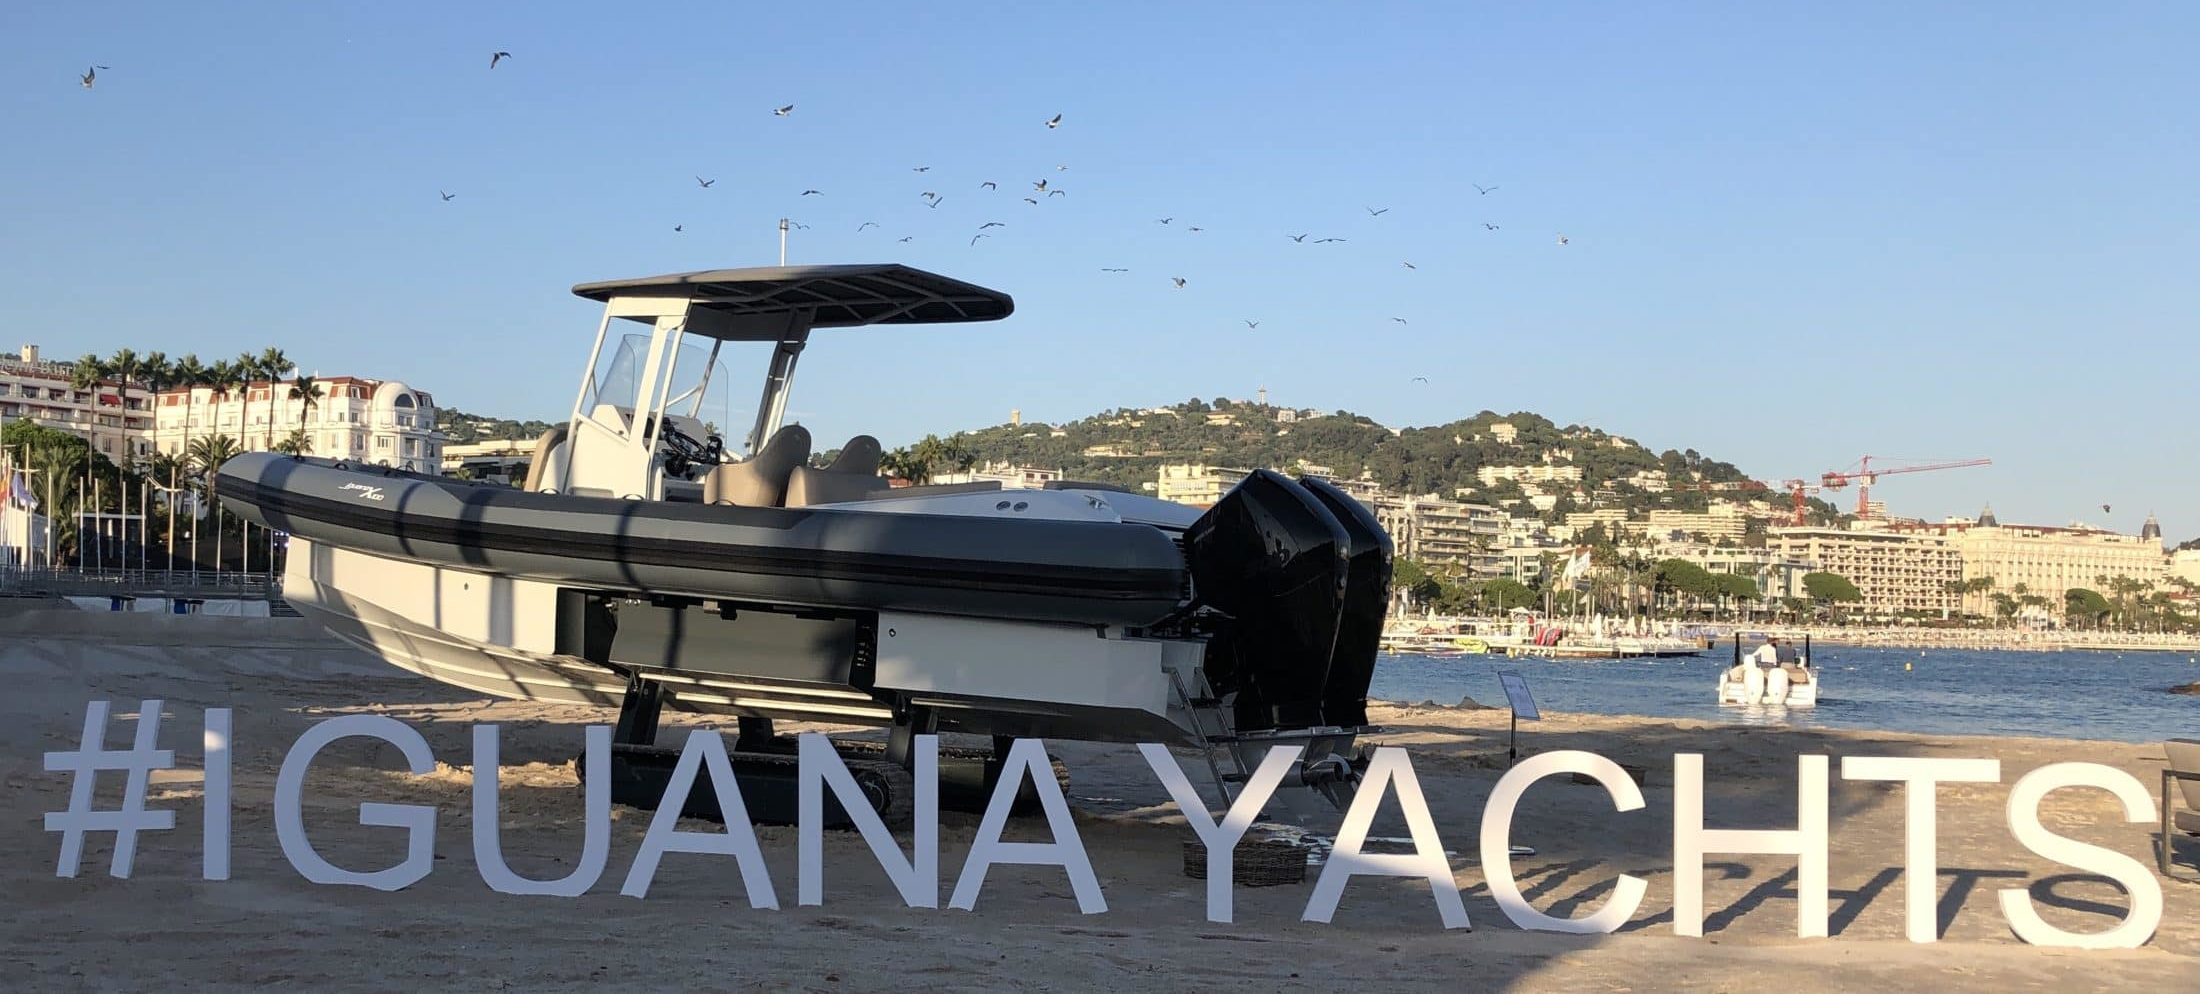 Iguana Yachts Cannes 2021